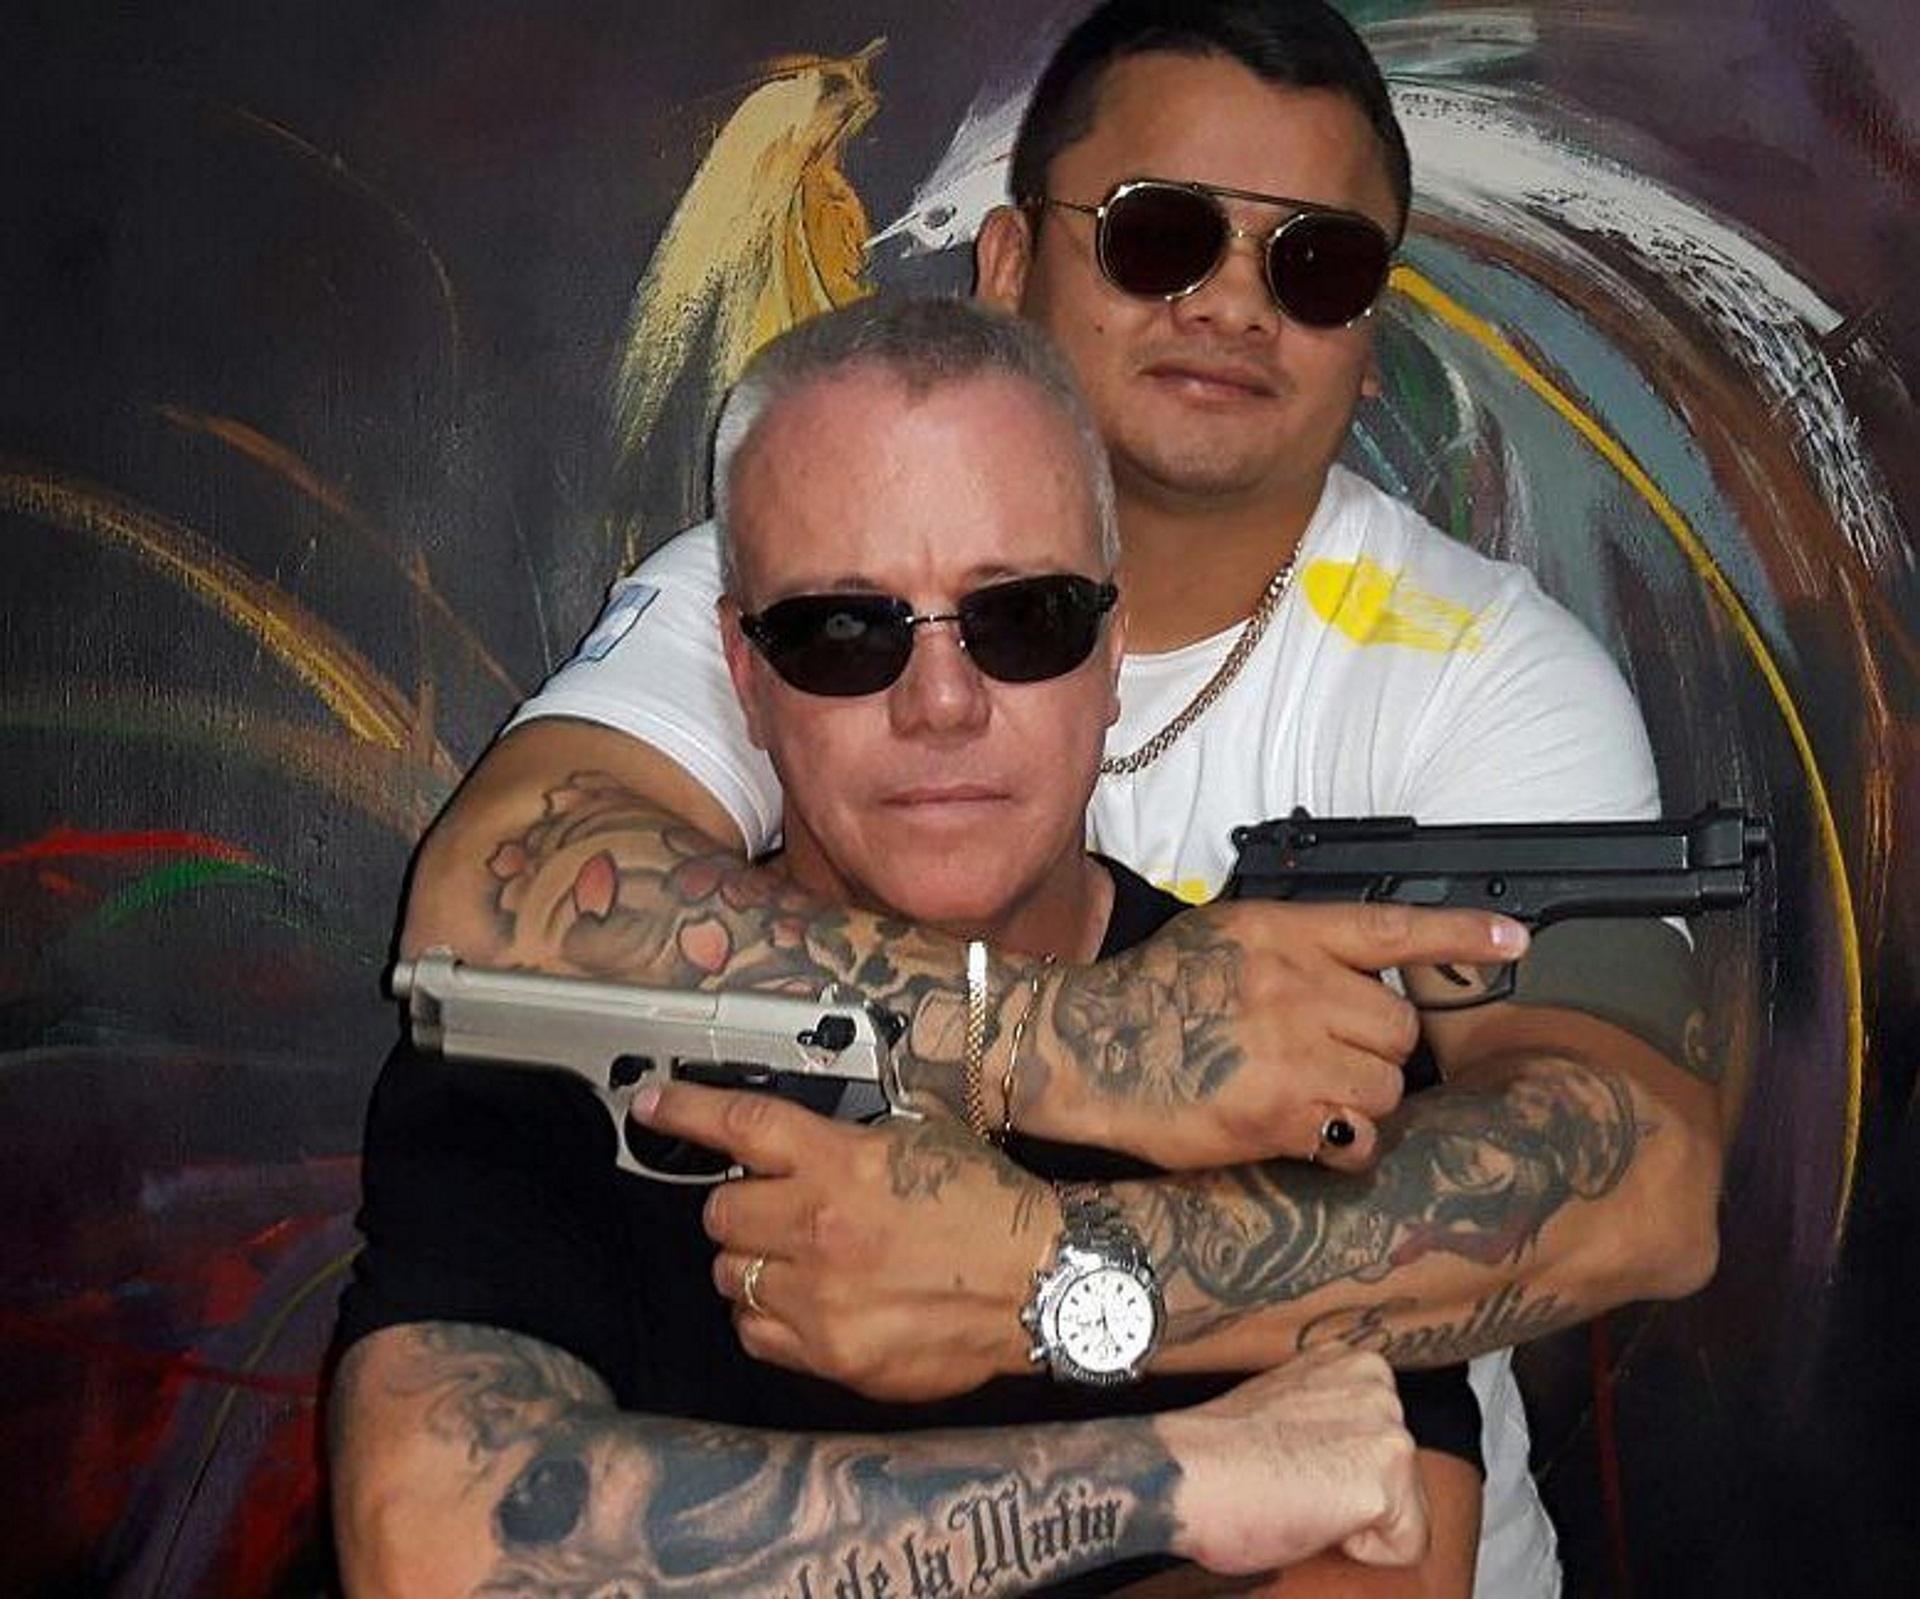 La foto del Chino Maianda con el sicario Popeye